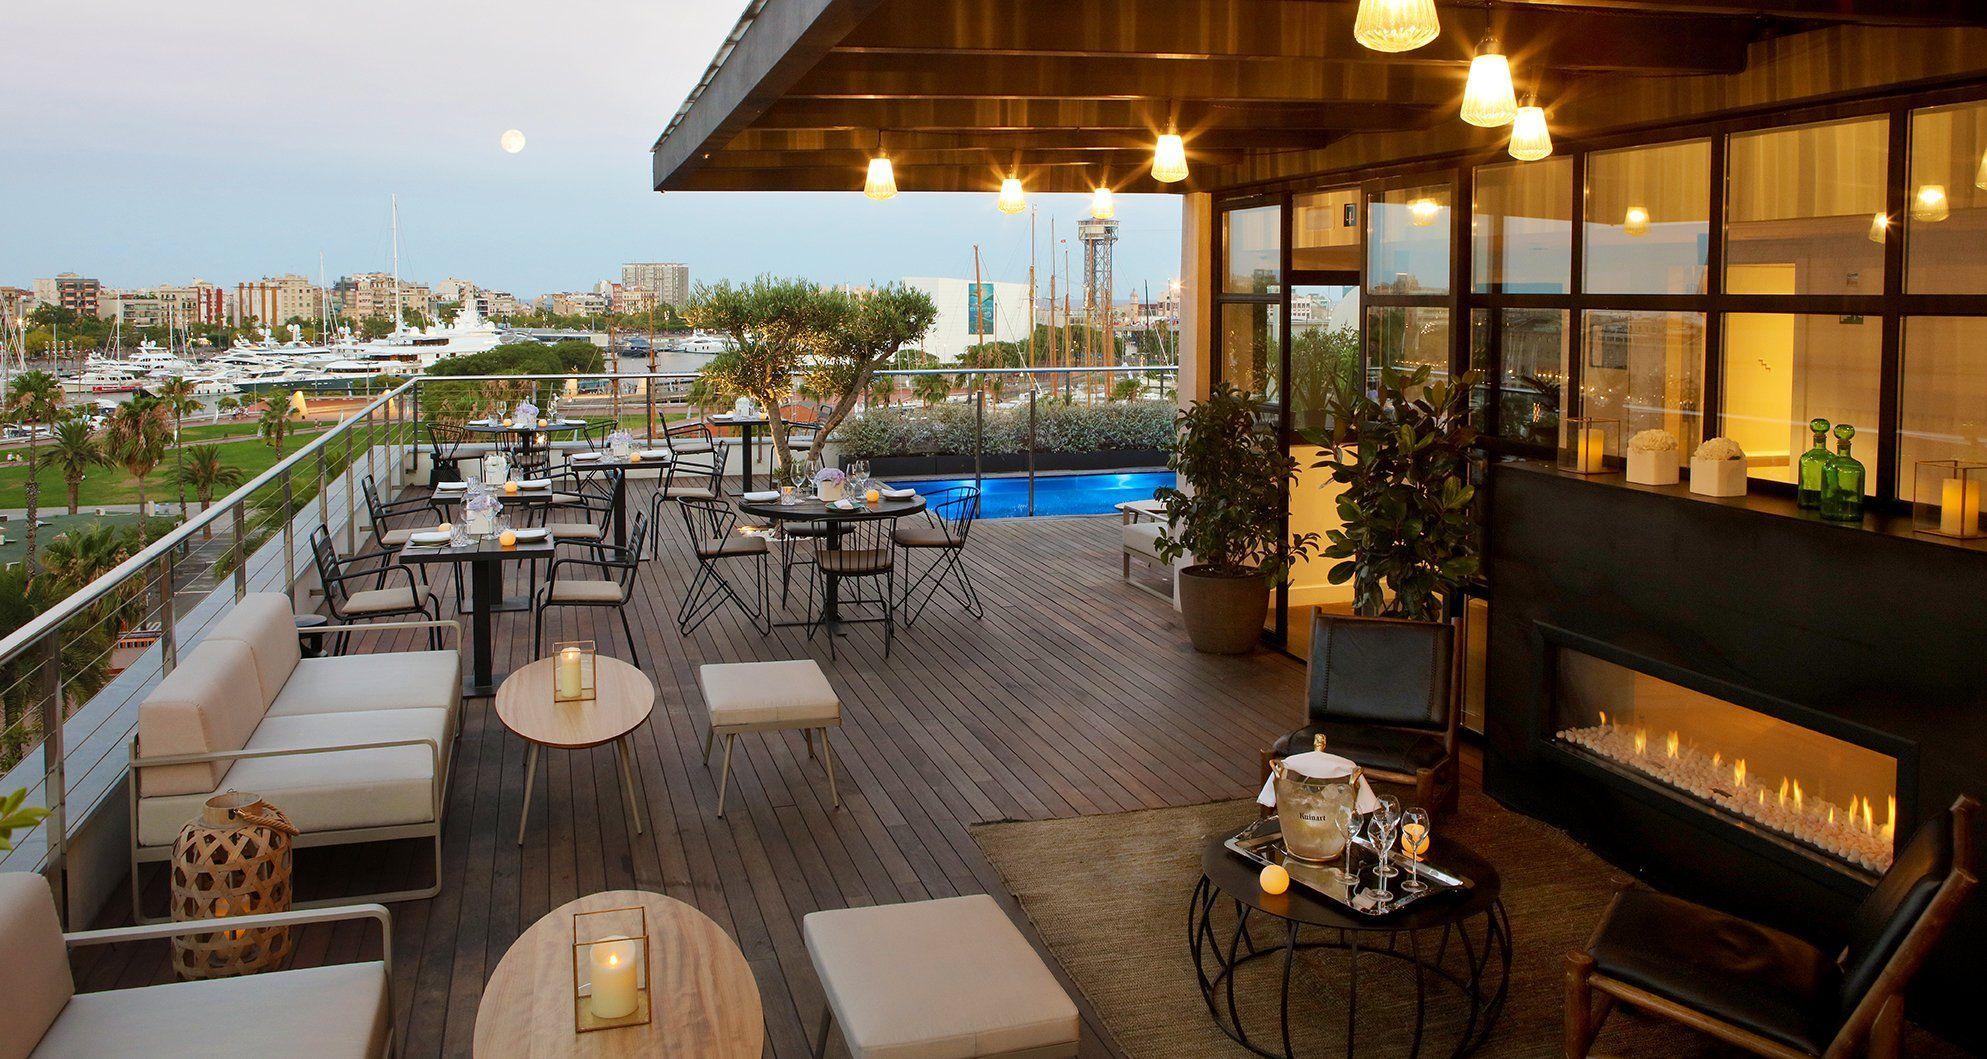 Las mejores terrazas de hotel en barcelona 2018 terrazeo for Terrazas 2016